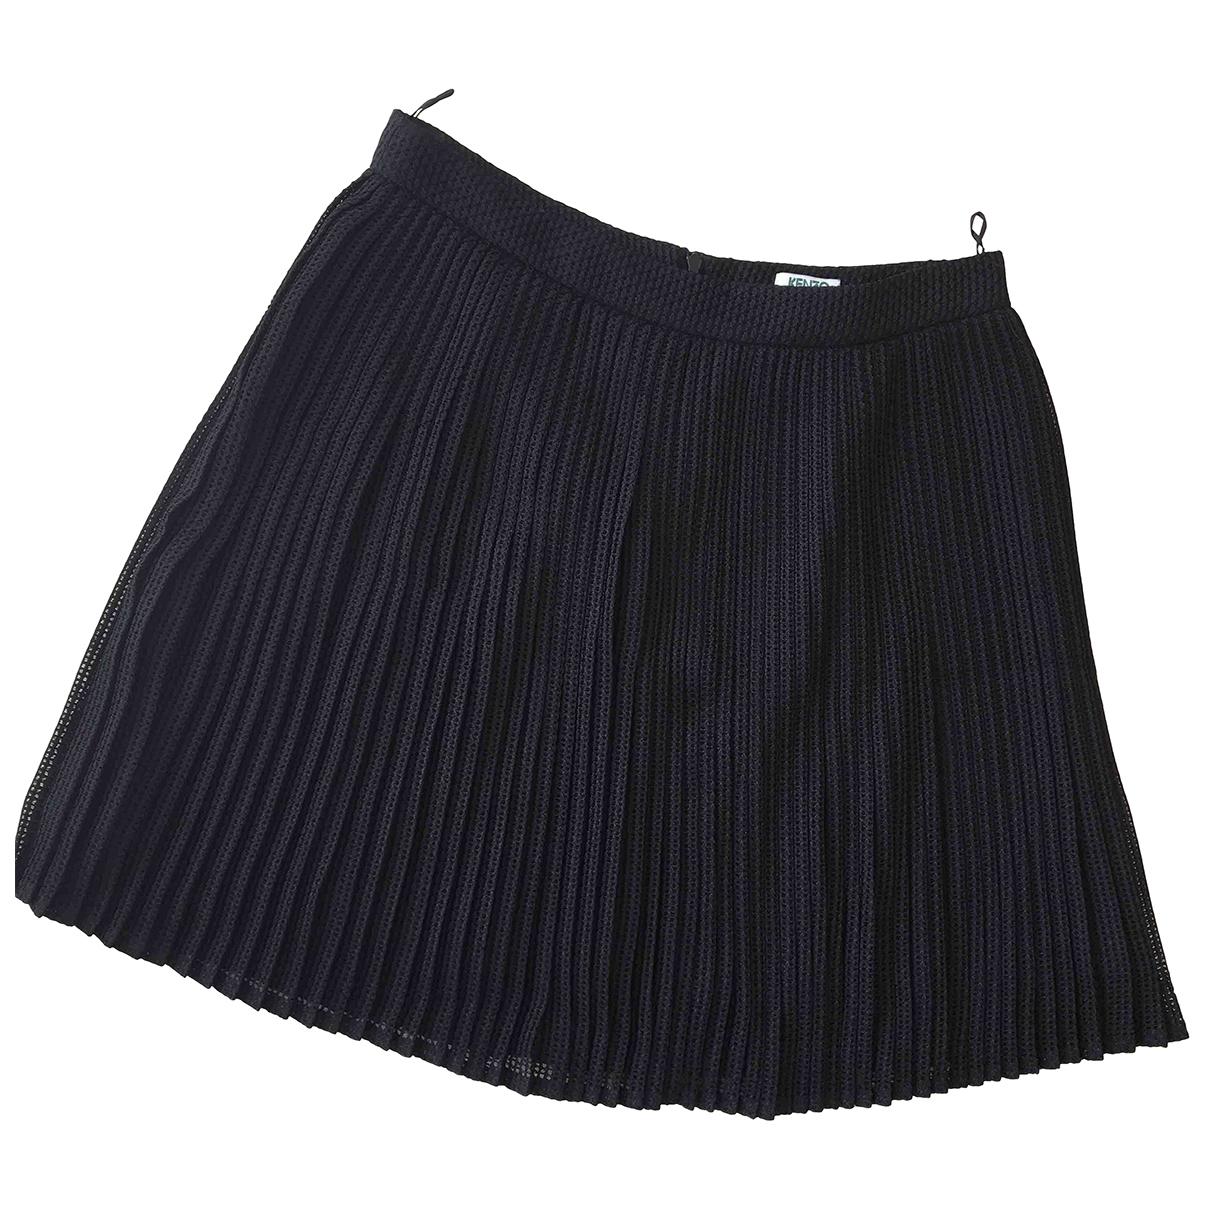 Kenzo \N Black skirt for Women 42 IT